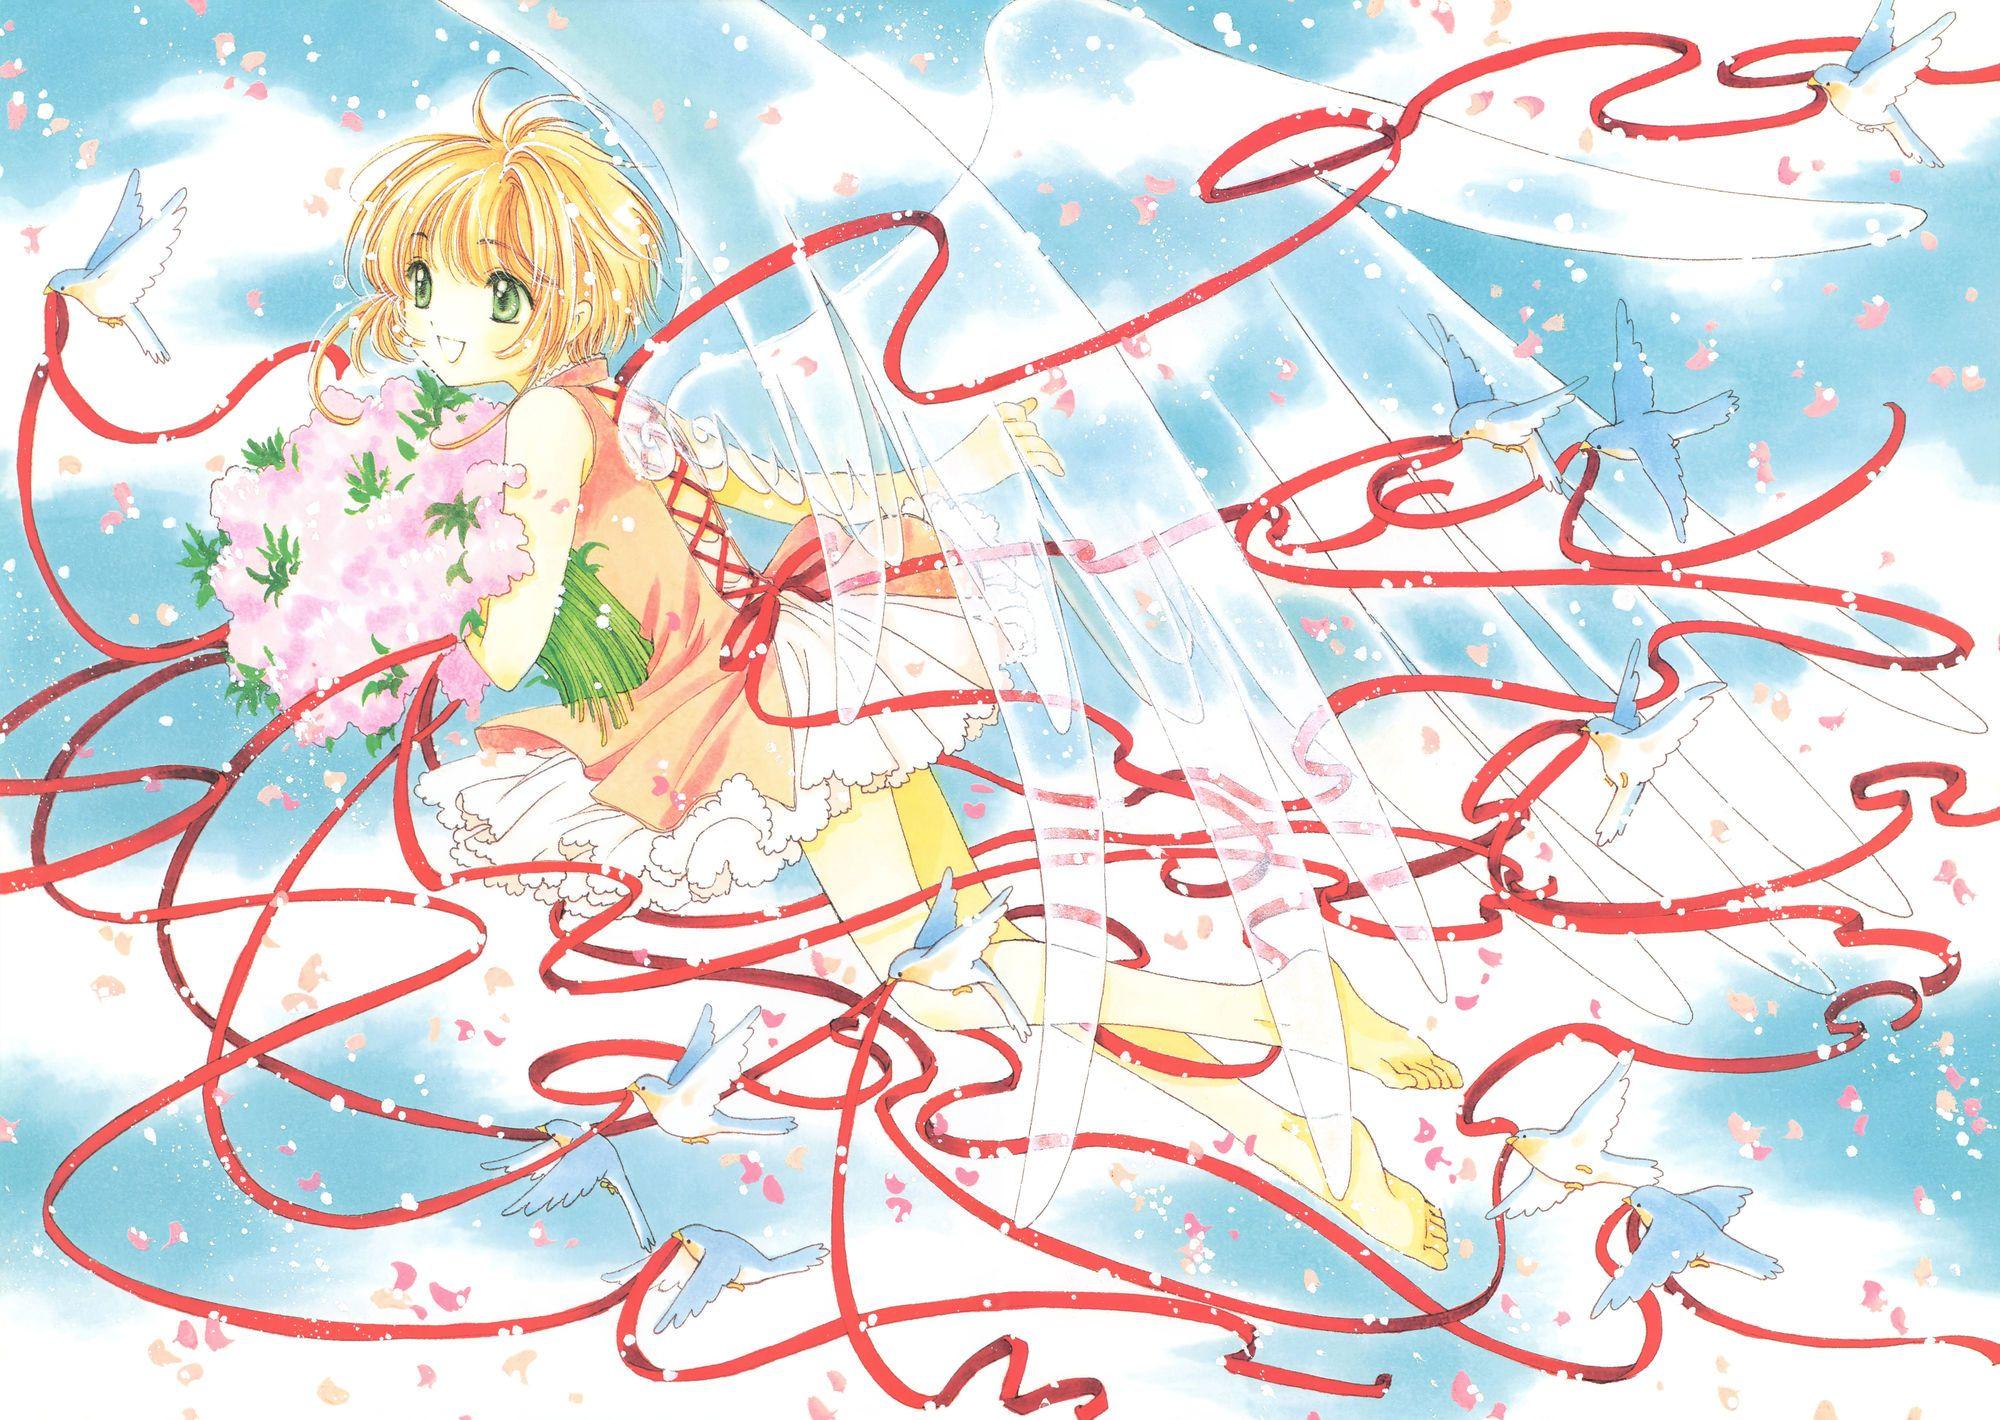 Sakura Kinomoto Manga 4k Cardcaptor Sakura Anime Wallpaper Anime